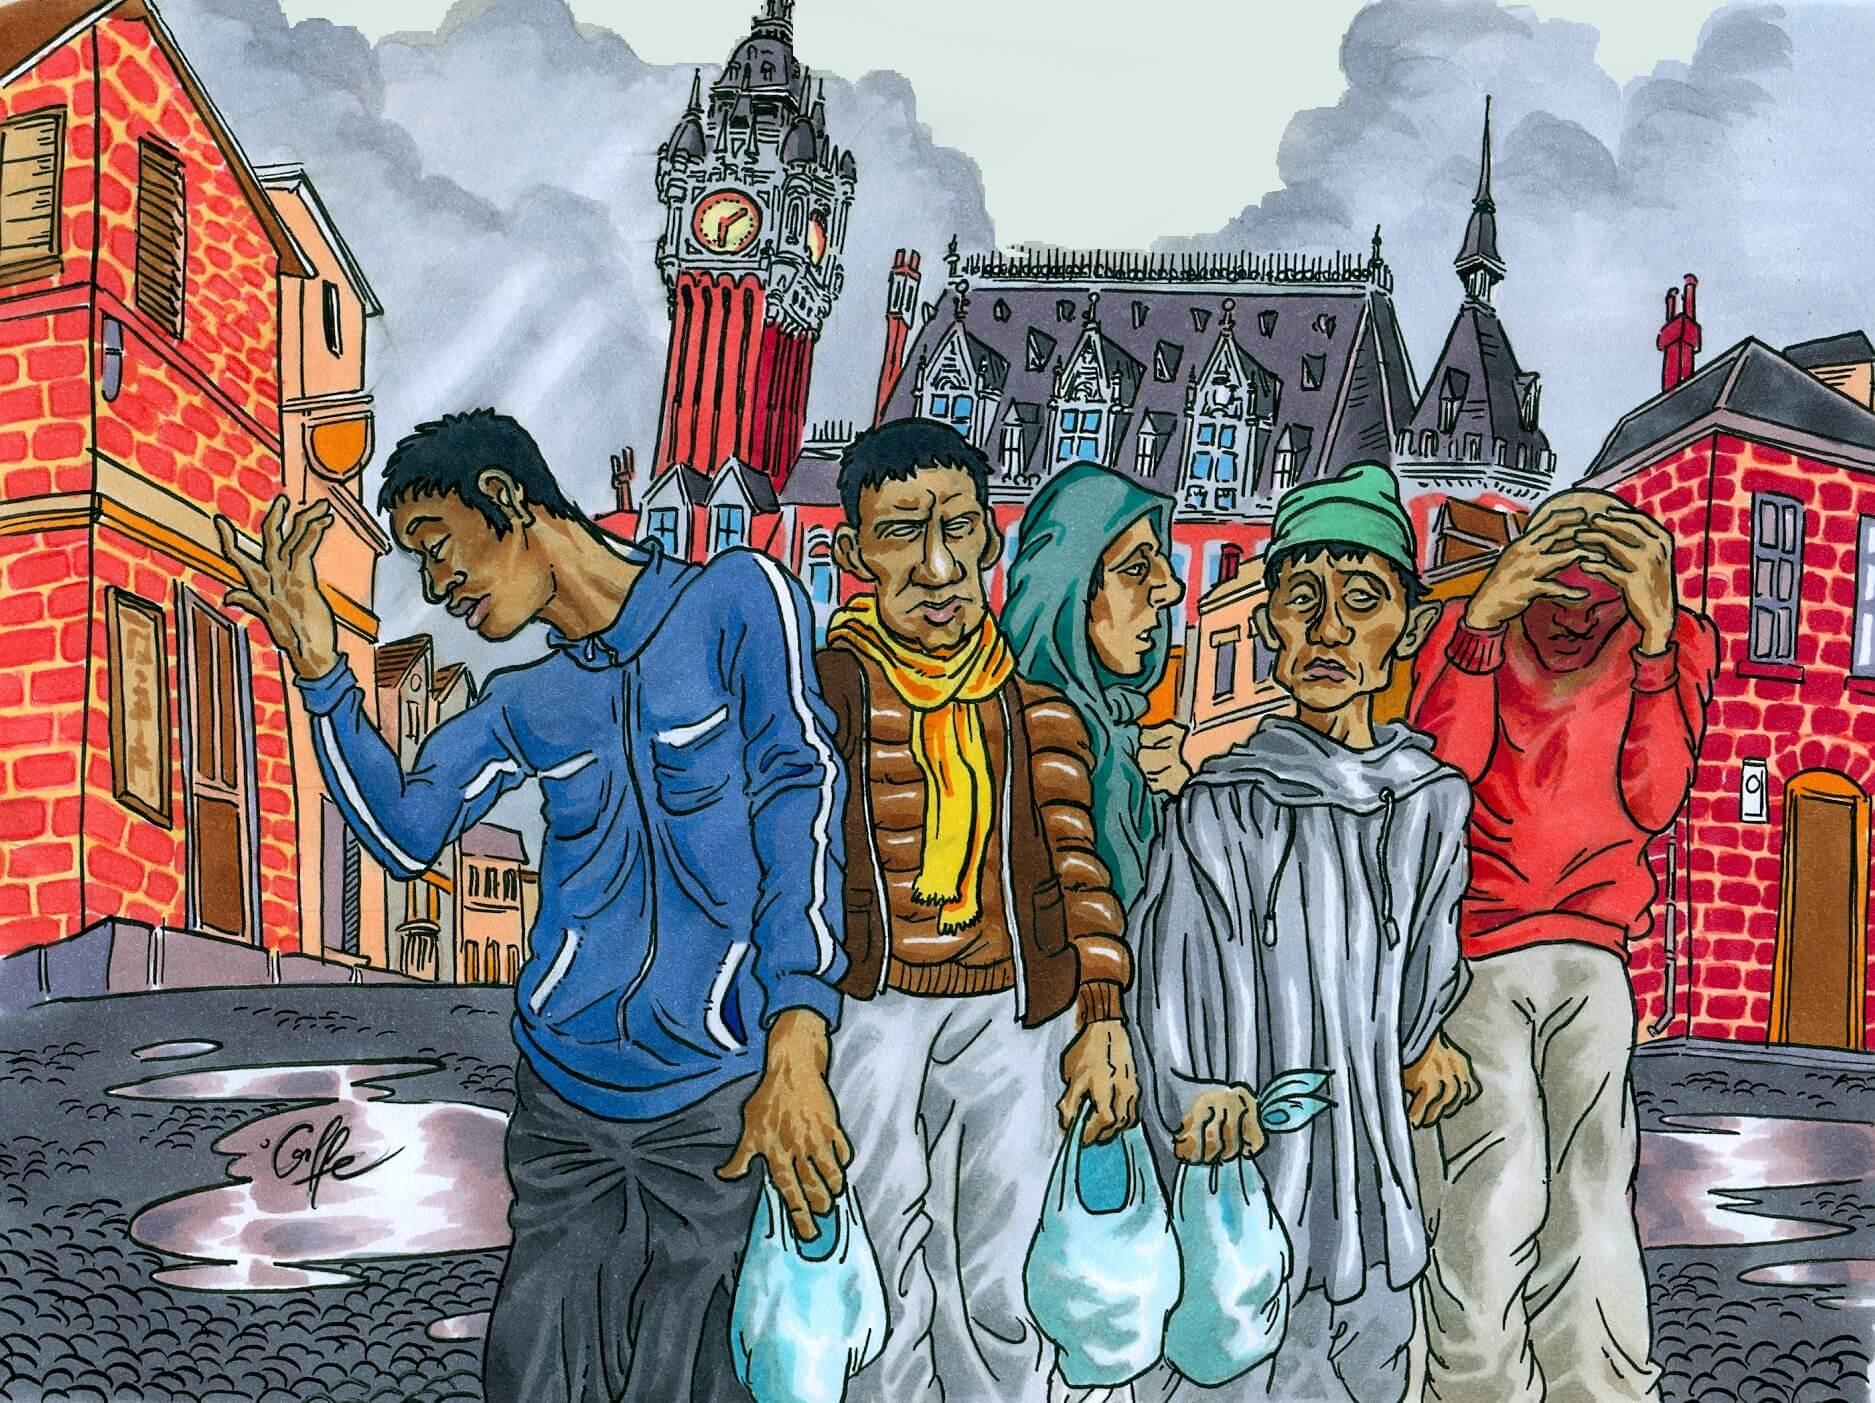 https://backend.streetpress.com/sites/default/files/migrants_bourgeois_de_calais_couleurs_2_1.jpg